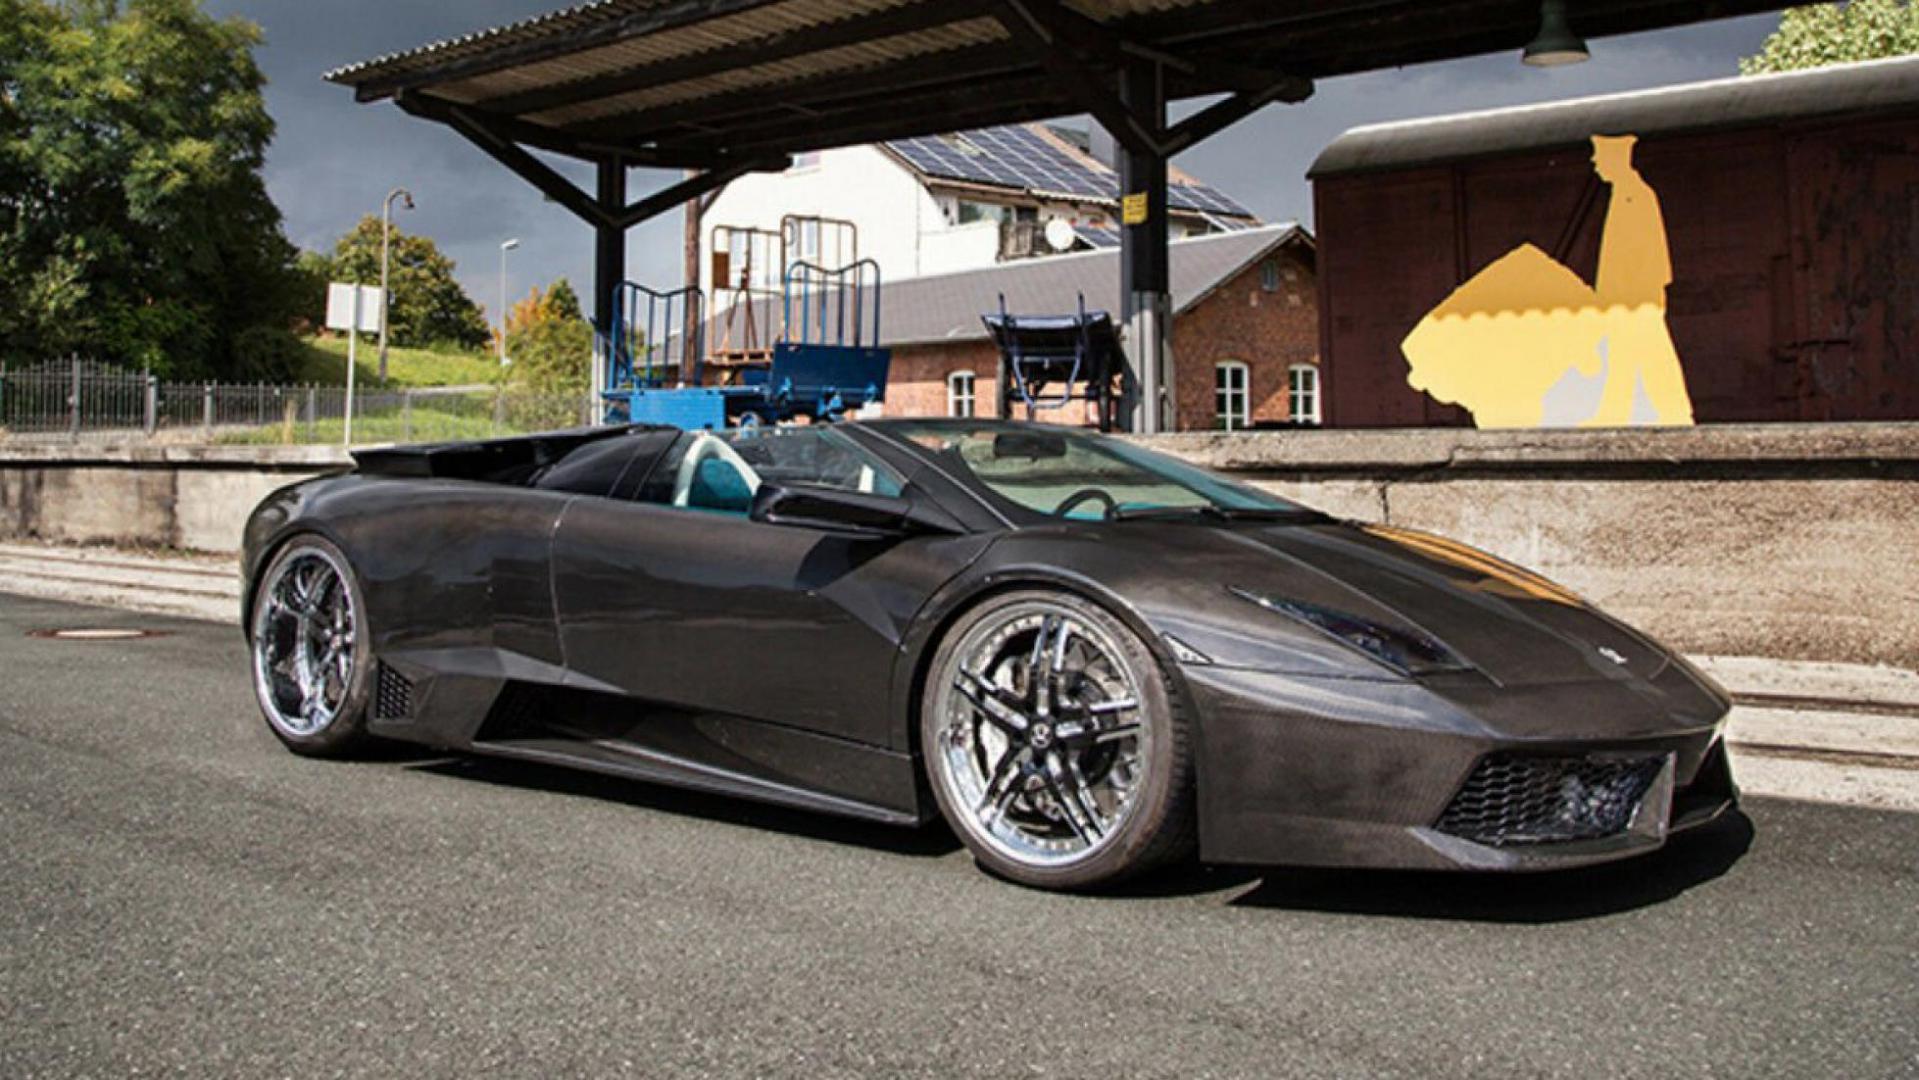 Lamborghini Murciélago schuin voor